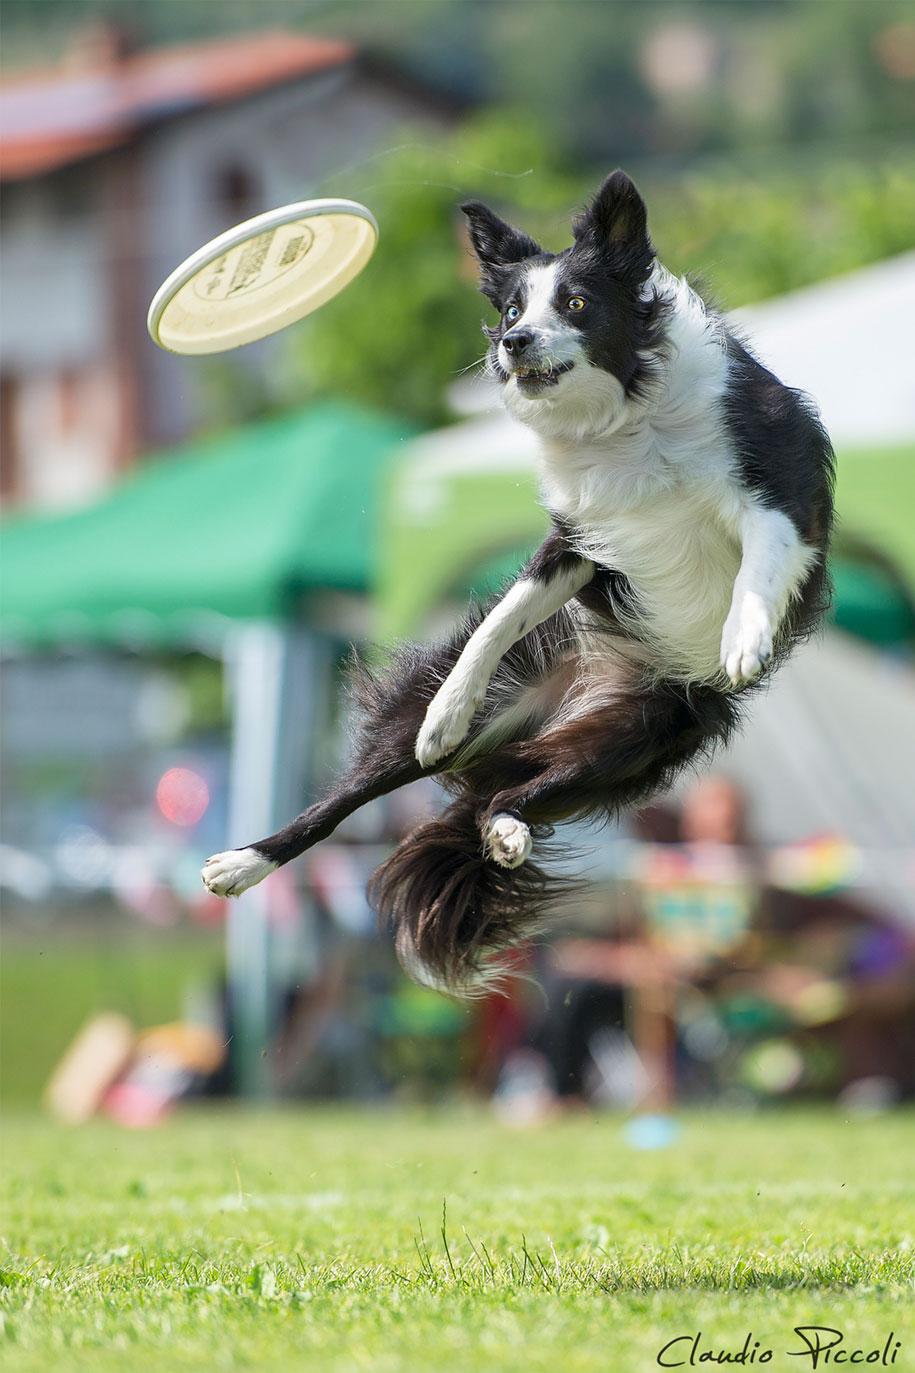 fotografia-cani-che-volano-frisbee-claudio-piccoli-20